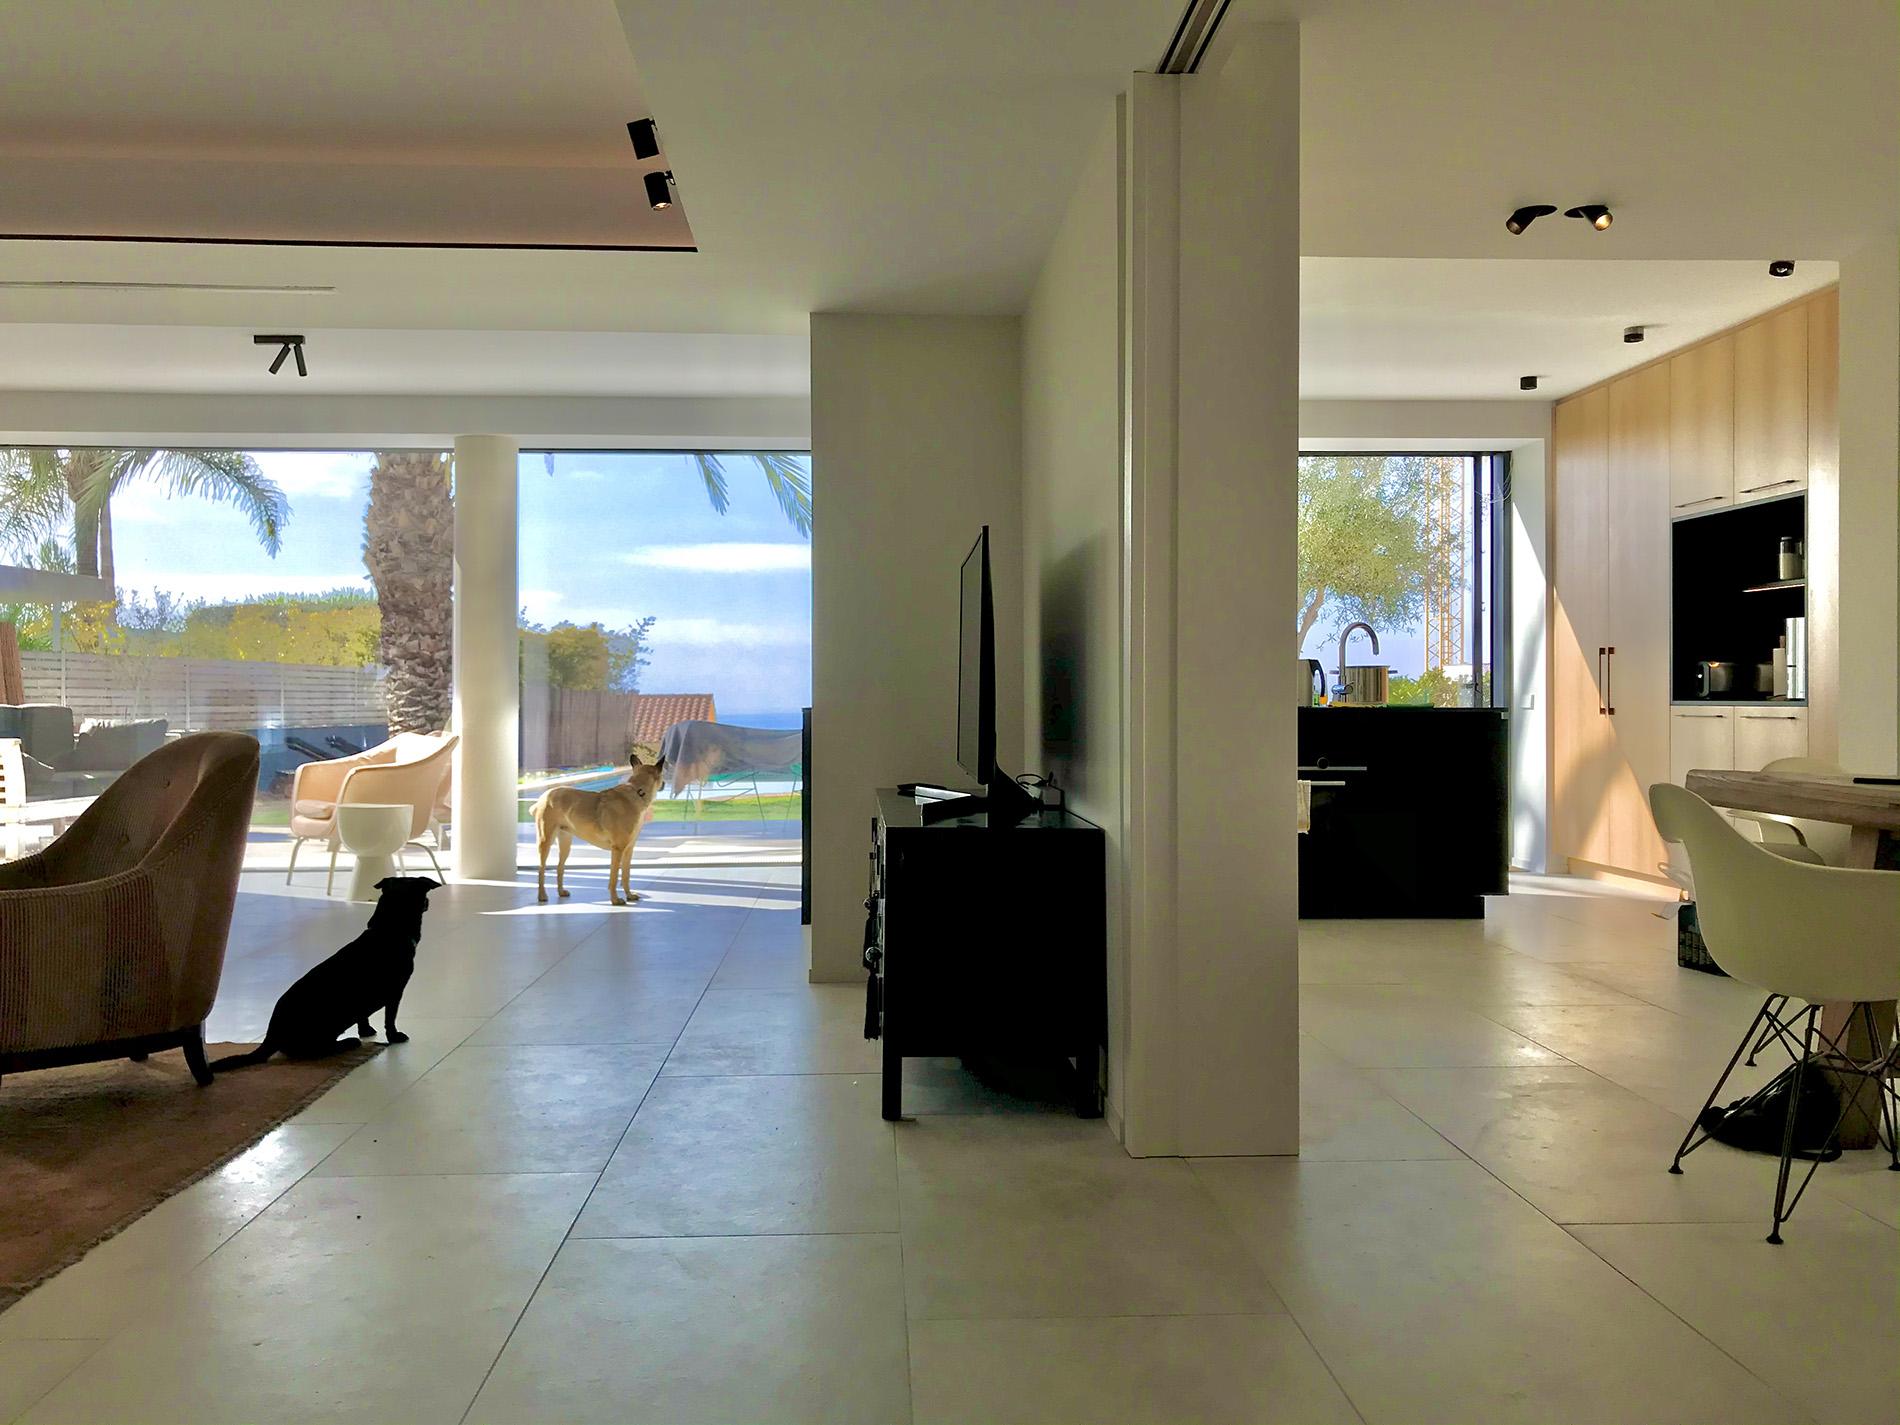 arquitectos en barcelona sitges full refurbishment single storie house in valpineda II